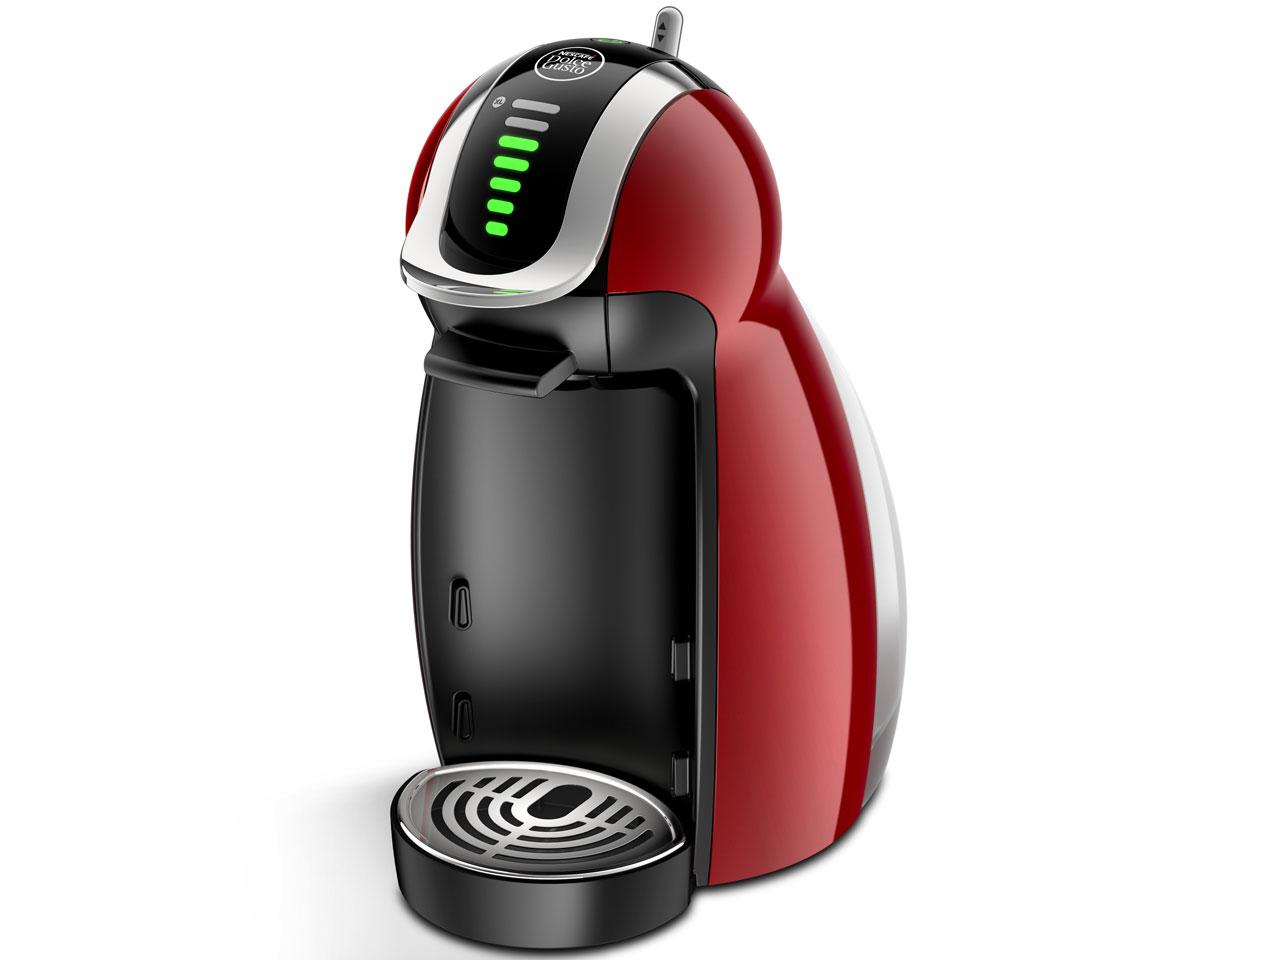 ネスプレッソ専用カプセル式コーヒーメーカー 「ドルチェグスト・ジェニオ2・プレミアム」MD9771WR